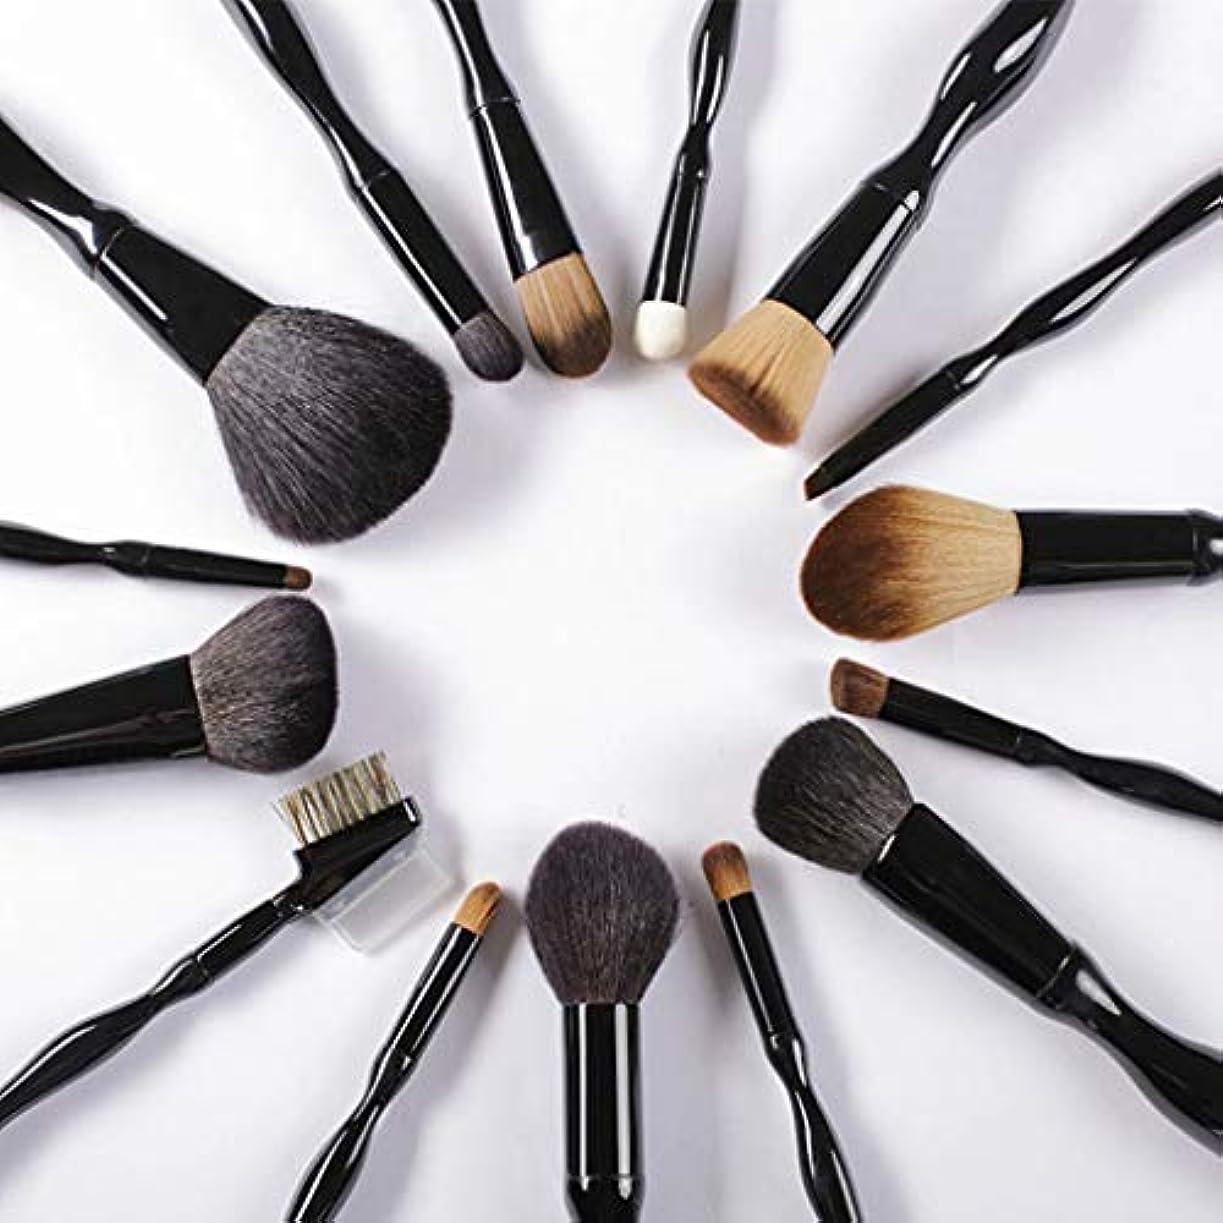 プリーツオピエートナチュラル15化粧ブラシボディカーブファンデーションブラシ化粧ブラシ美容ツール